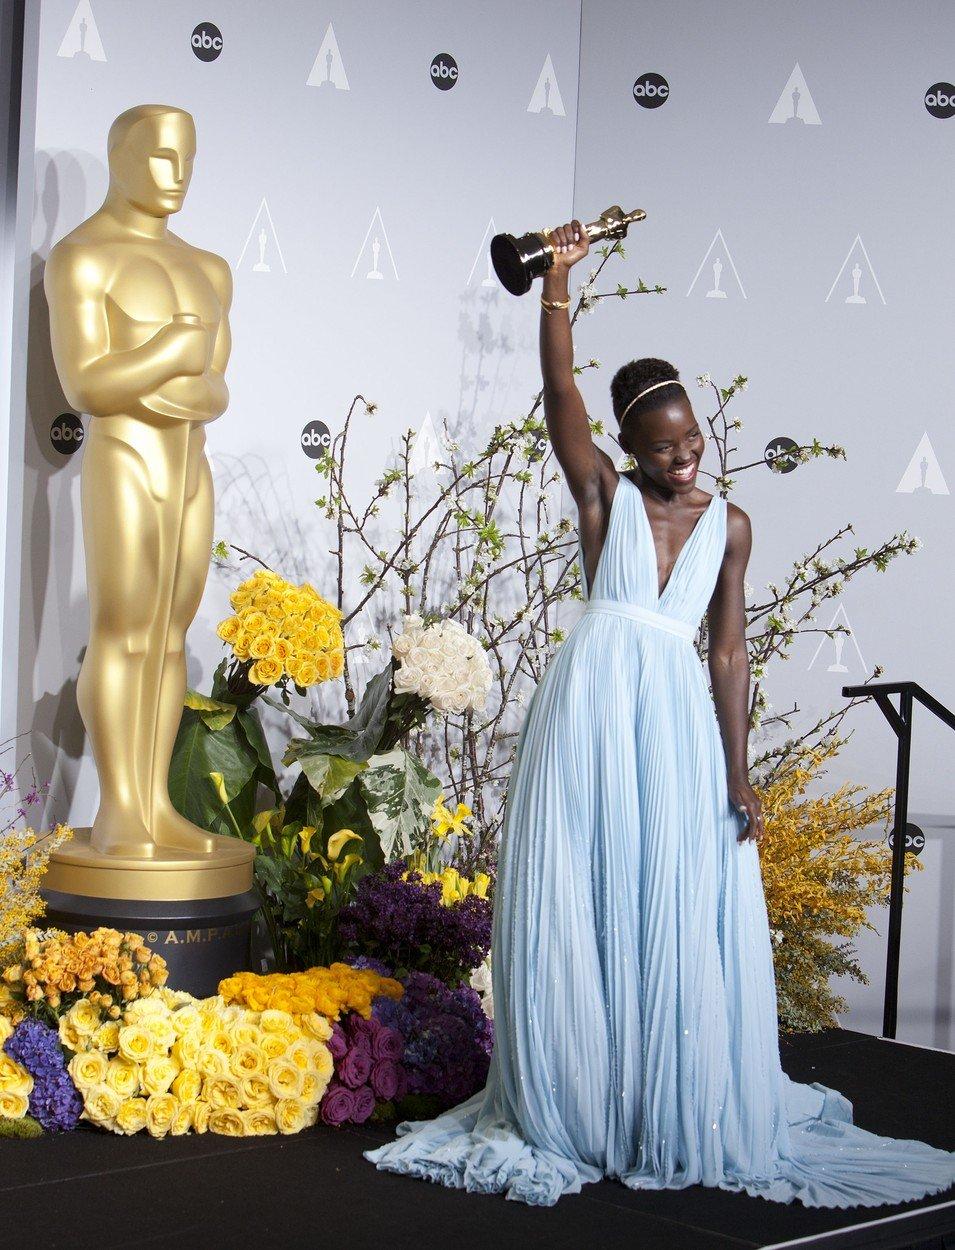 7. kép: Lupita Nyong'O Prada ruhában vonult be a történelembe a 2011-es Oscaron